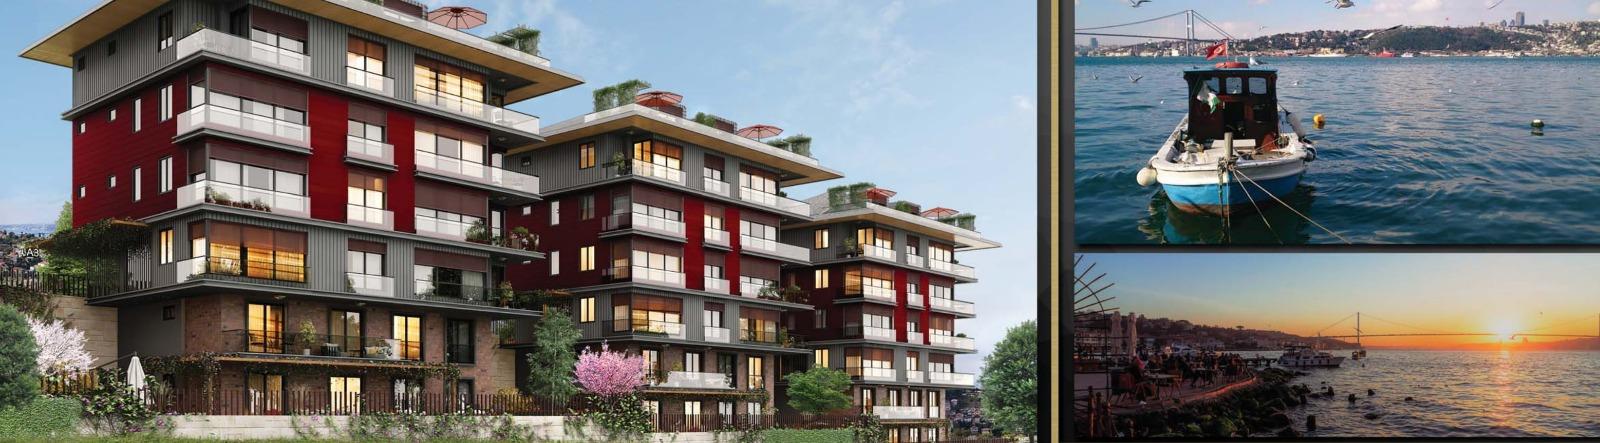 Новый проект в азиатской части Стамбула - Фото 6